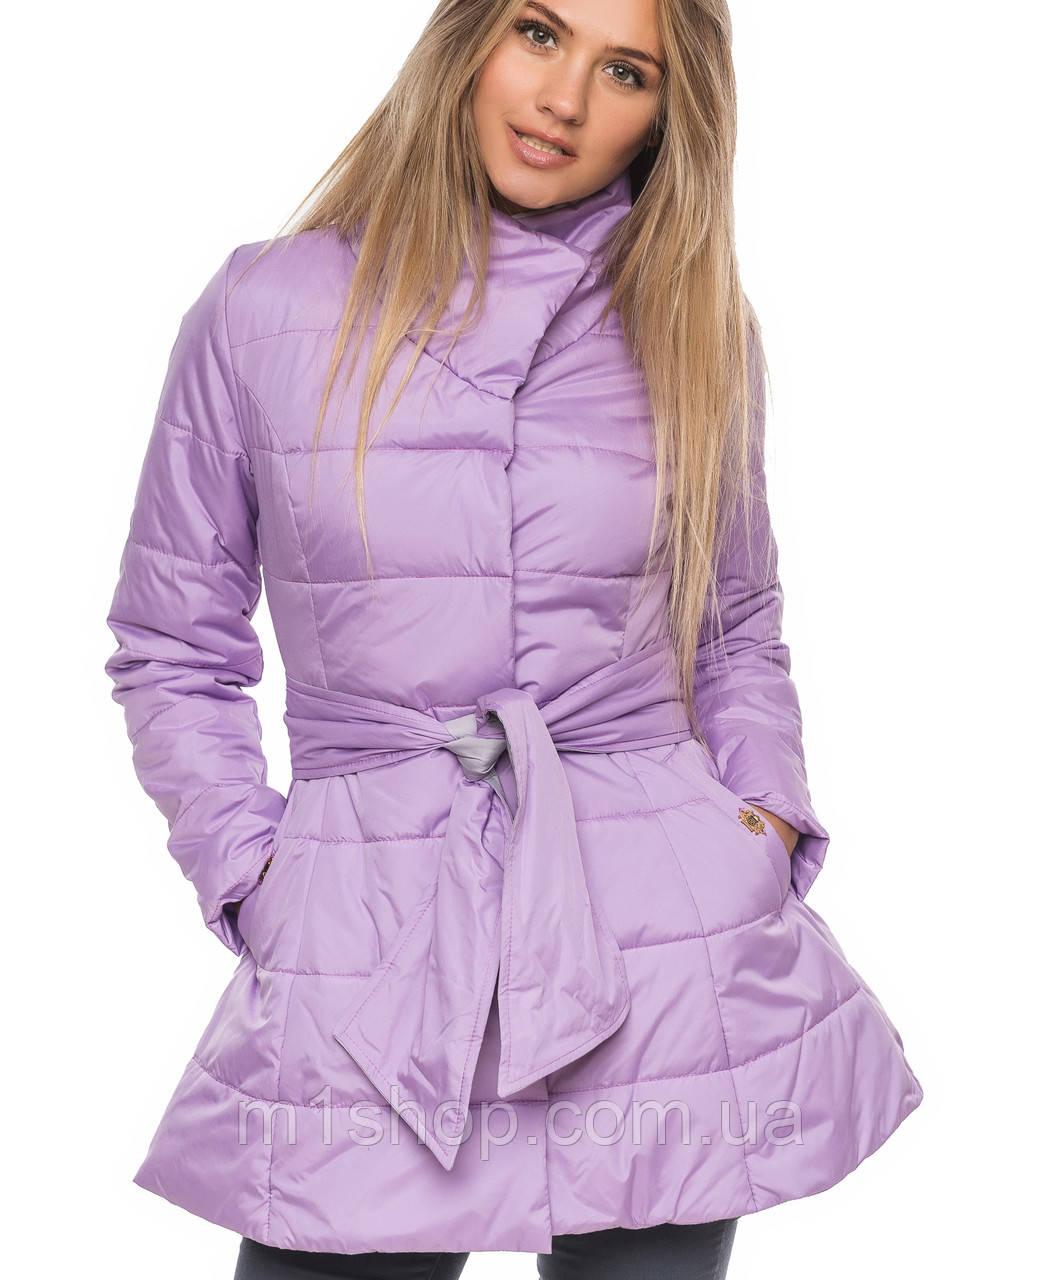 2d039cc0e320 Женская куртка трапеция (2024 br) - « m1shop » женская одежда в Харькове